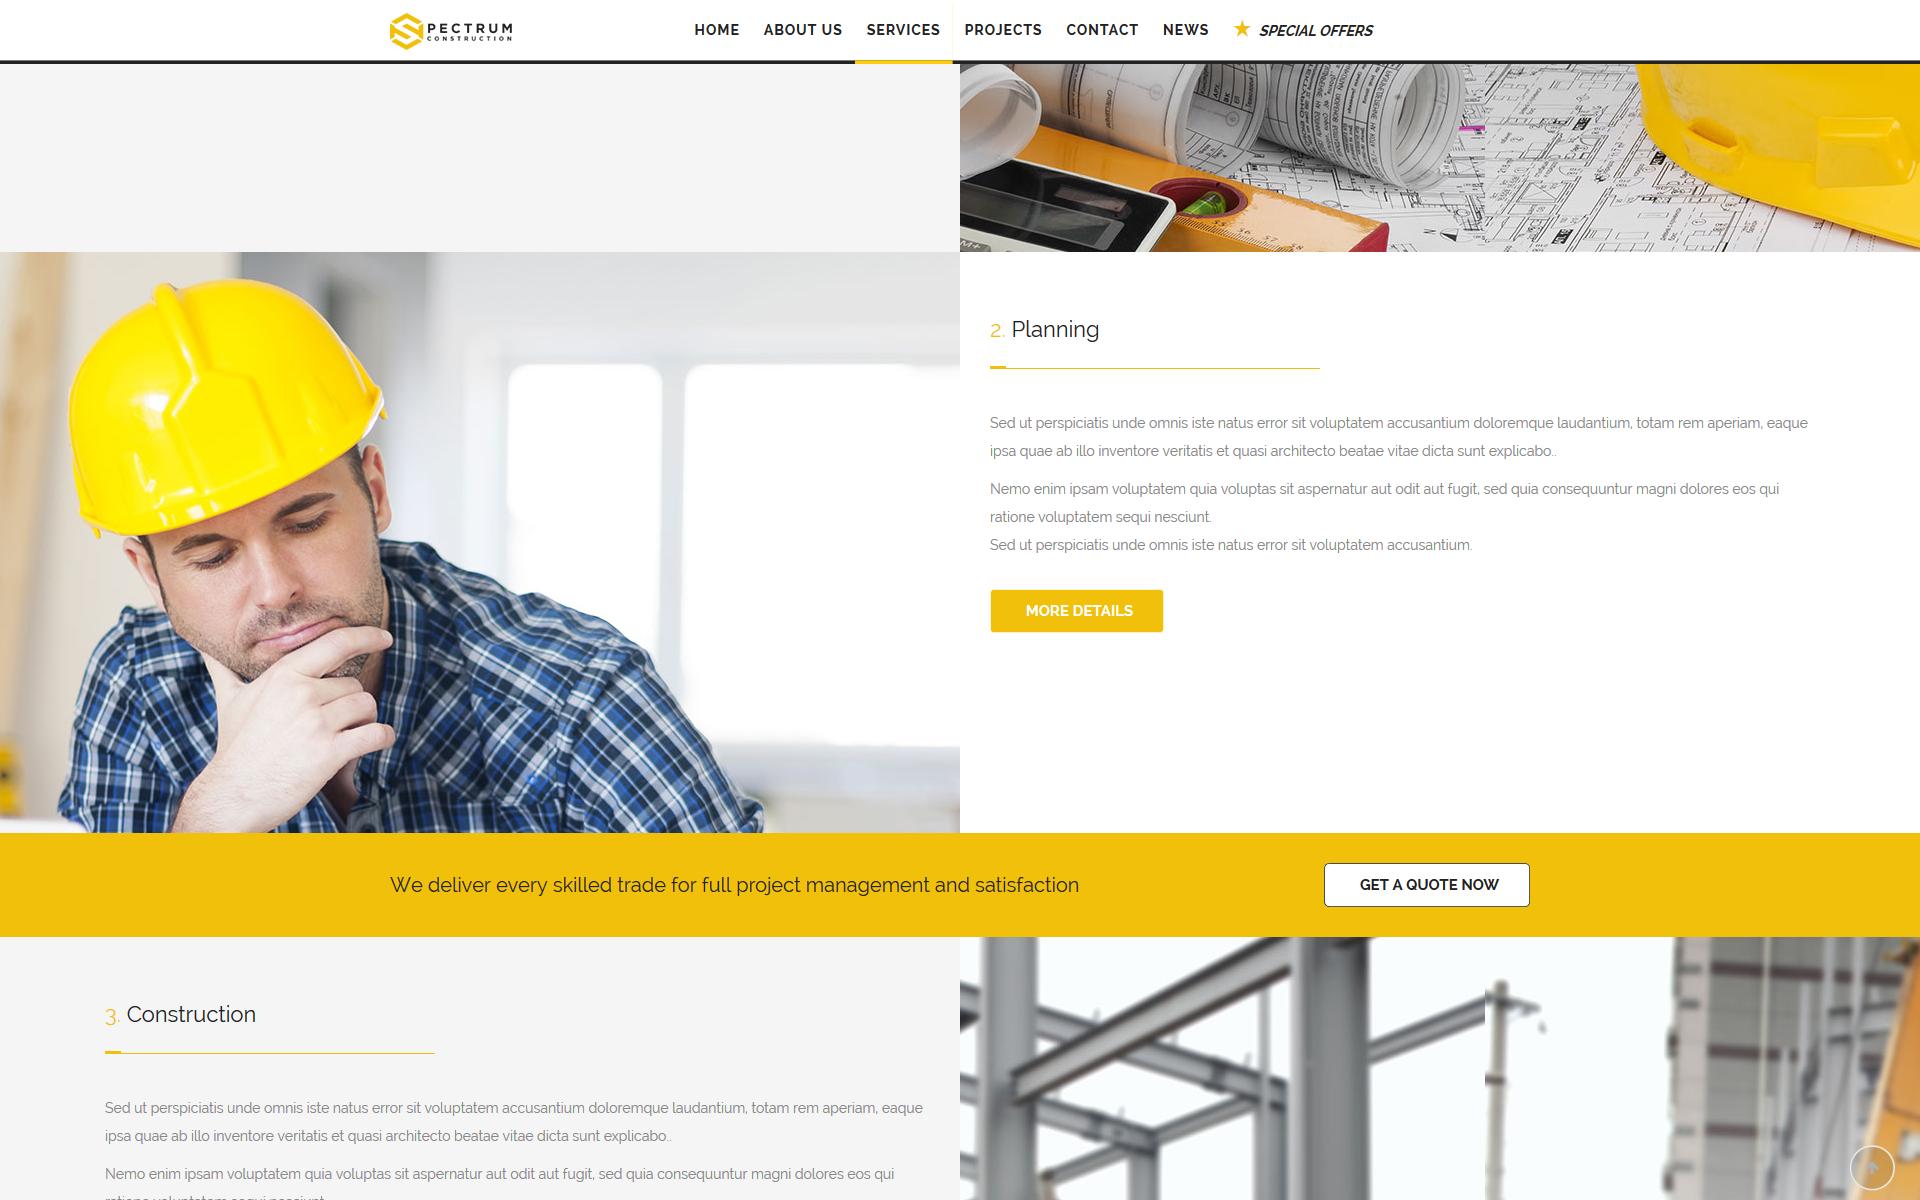 sp-construction services